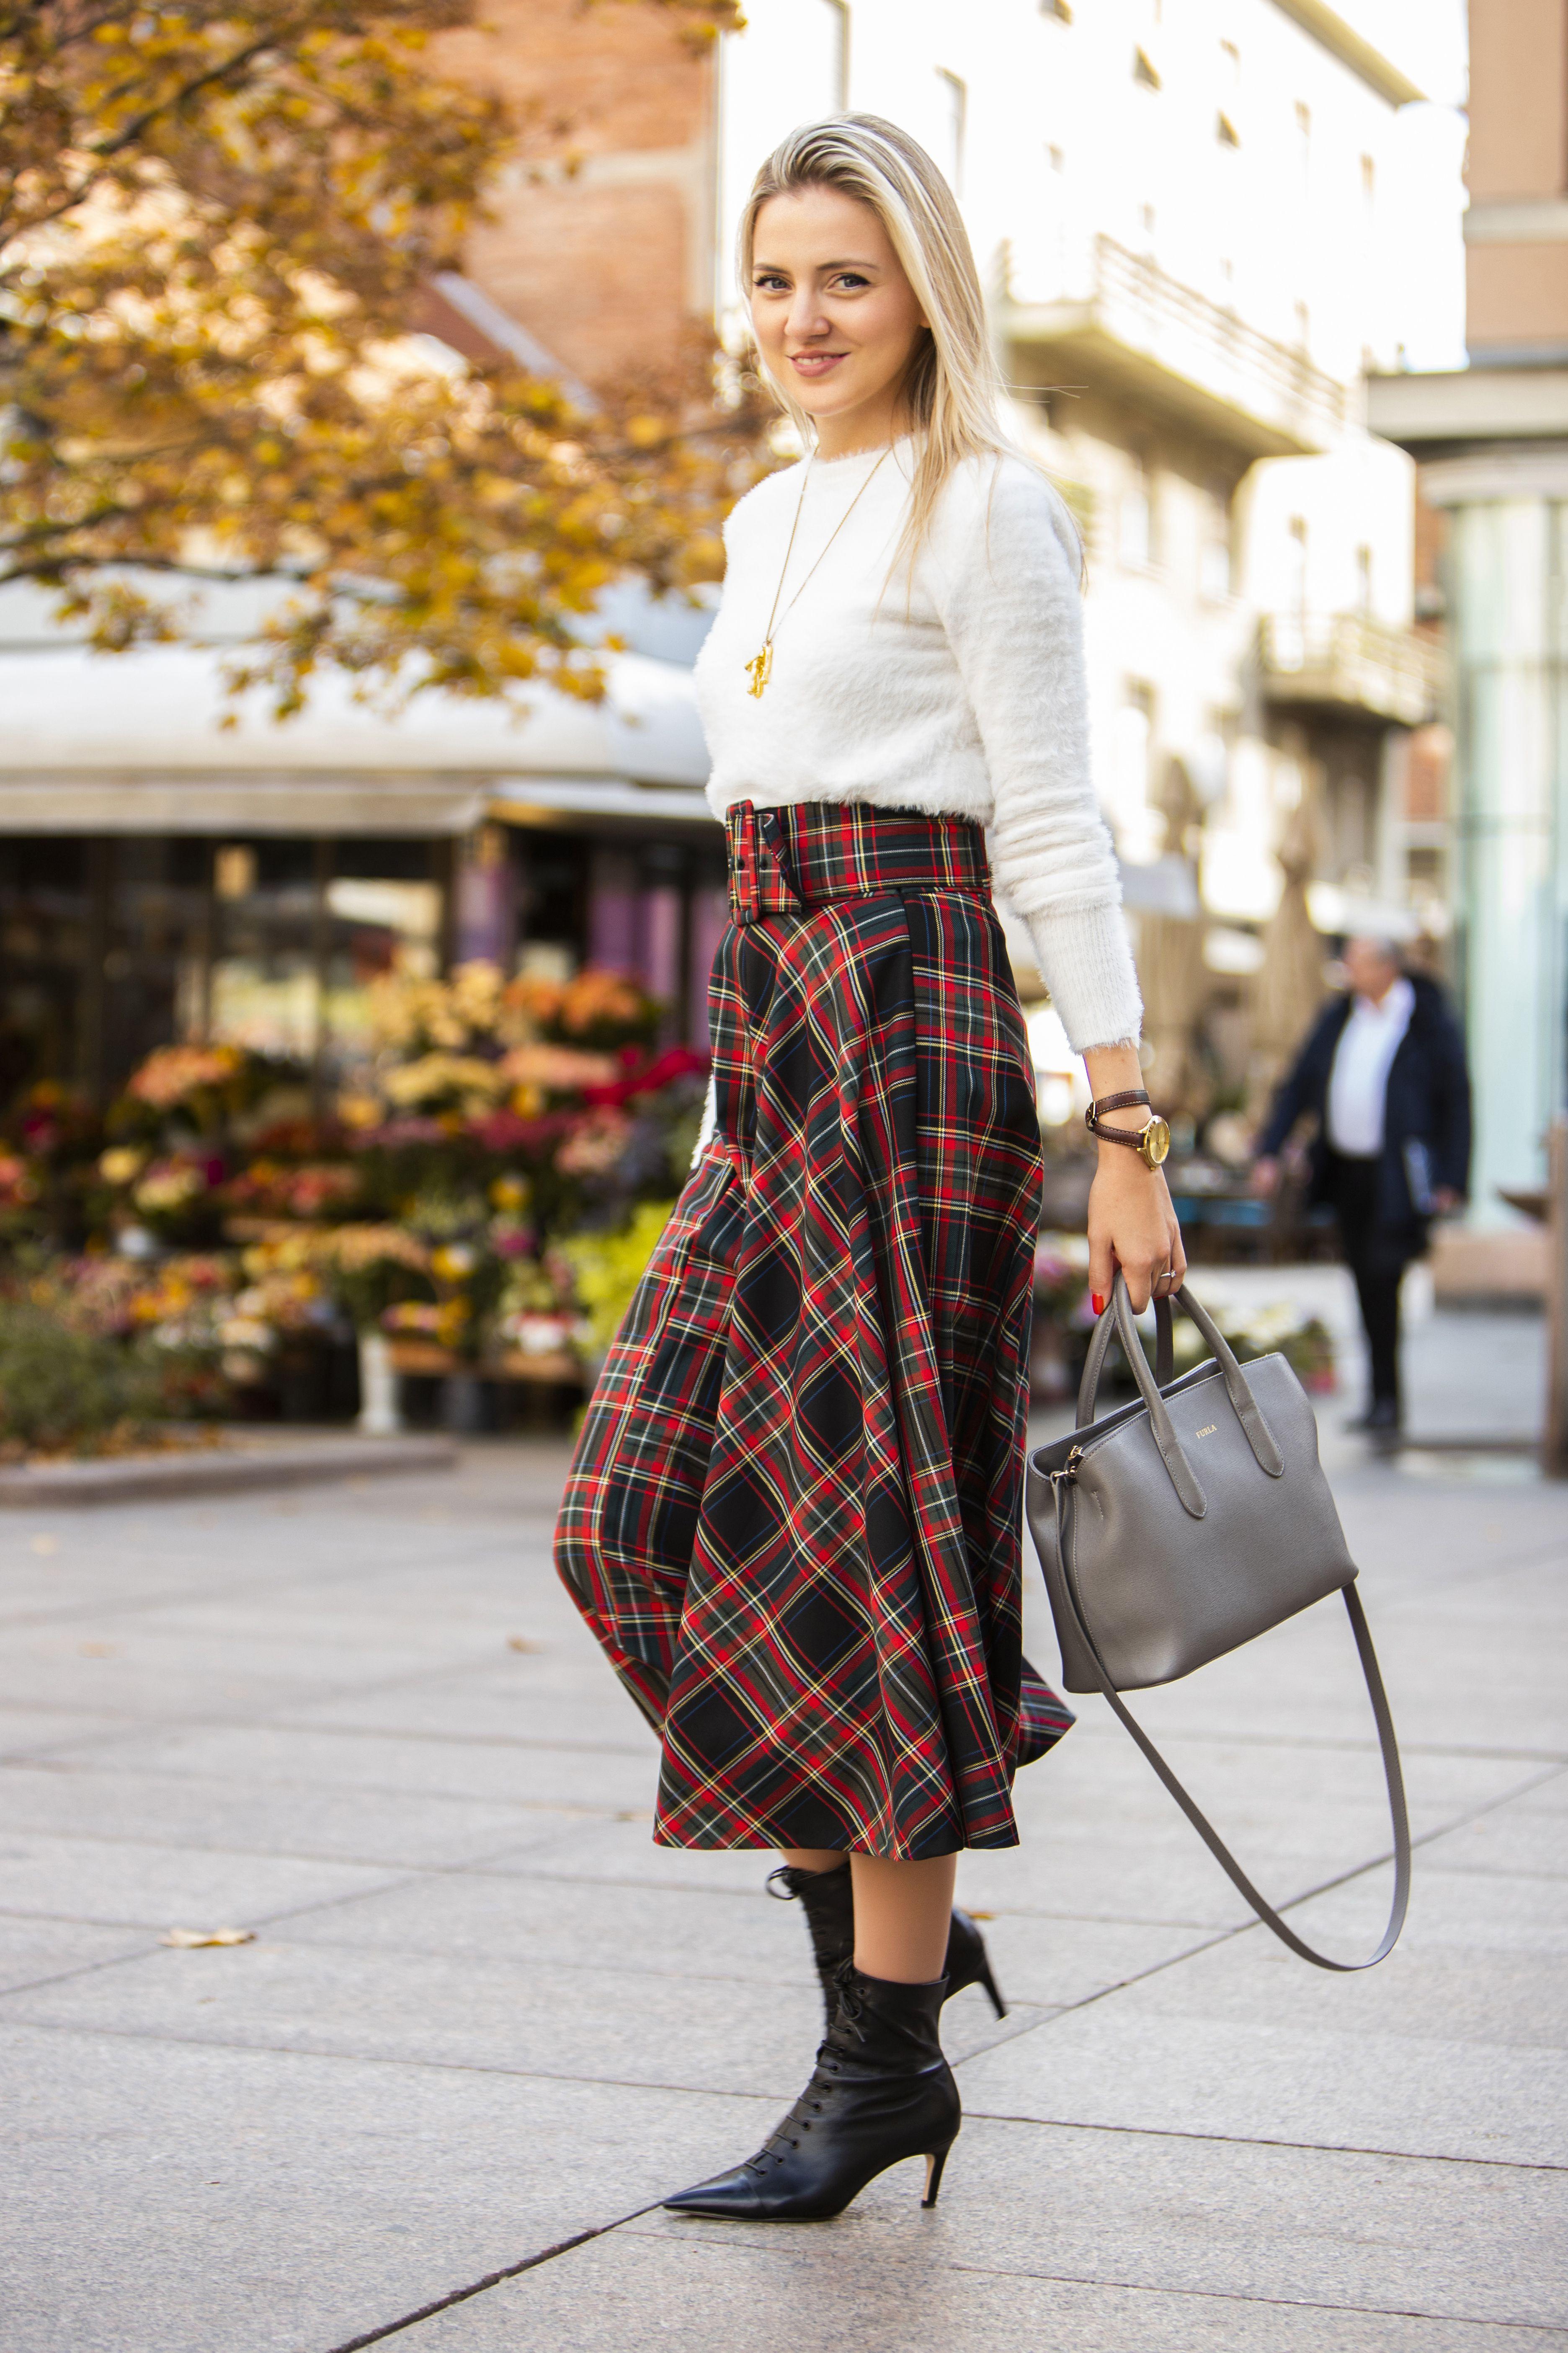 Outfitima ove zgodne i uspješne dame uvijek se veselimo, a ovog puta pokazala je otkačen poslovni styling